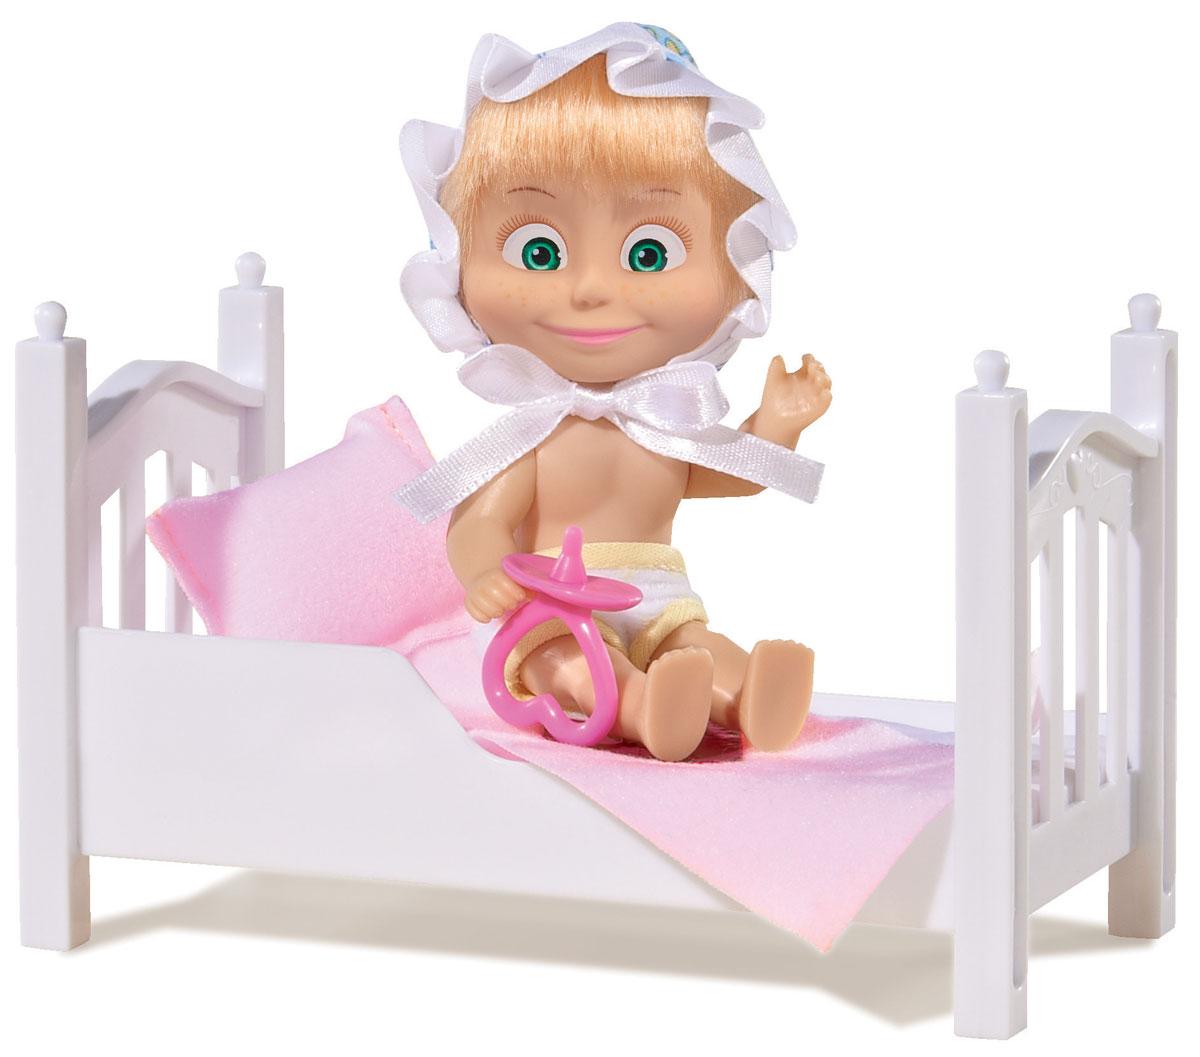 Simba Игровой набор Маша с кроваткой9301821Игровой набор с мини-куклой Маша непременно понравится вашей малышке и надолго займет ее внимание. Игрушка выполнена из безопасного материала в виде персонажа Маши из мультсериала Маша и Медведь. Маша собирается ложиться спать. На голове у куколки симпатичный чепчик. В наборе прилагается кровать с постельным бельём и соска для Маши. Ручки, ножки и голова у Маши подвижны. У куколки зеленые глаза и загадочная улыбка, а из-под чепчика выглядывает непослушная челка. Оригинальный стиль и великолепное качество исполнения делают эту игрушку чудесным подарком к любому празднику, а жизнерадостный образ представит такой подарок в самом лучшем свете.